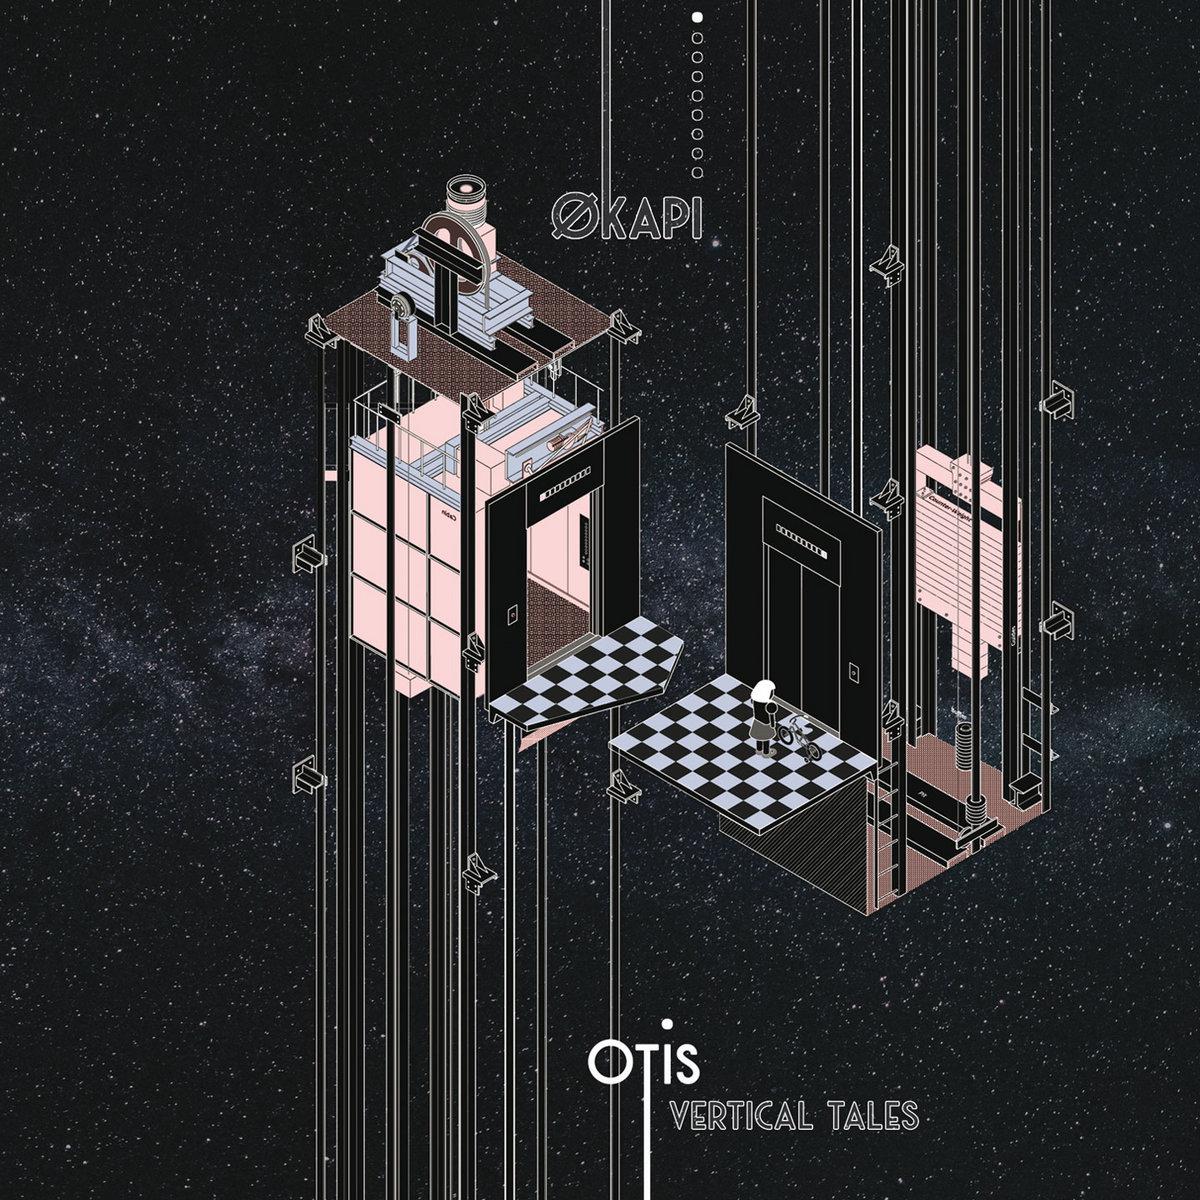 Otis, Vertical tales